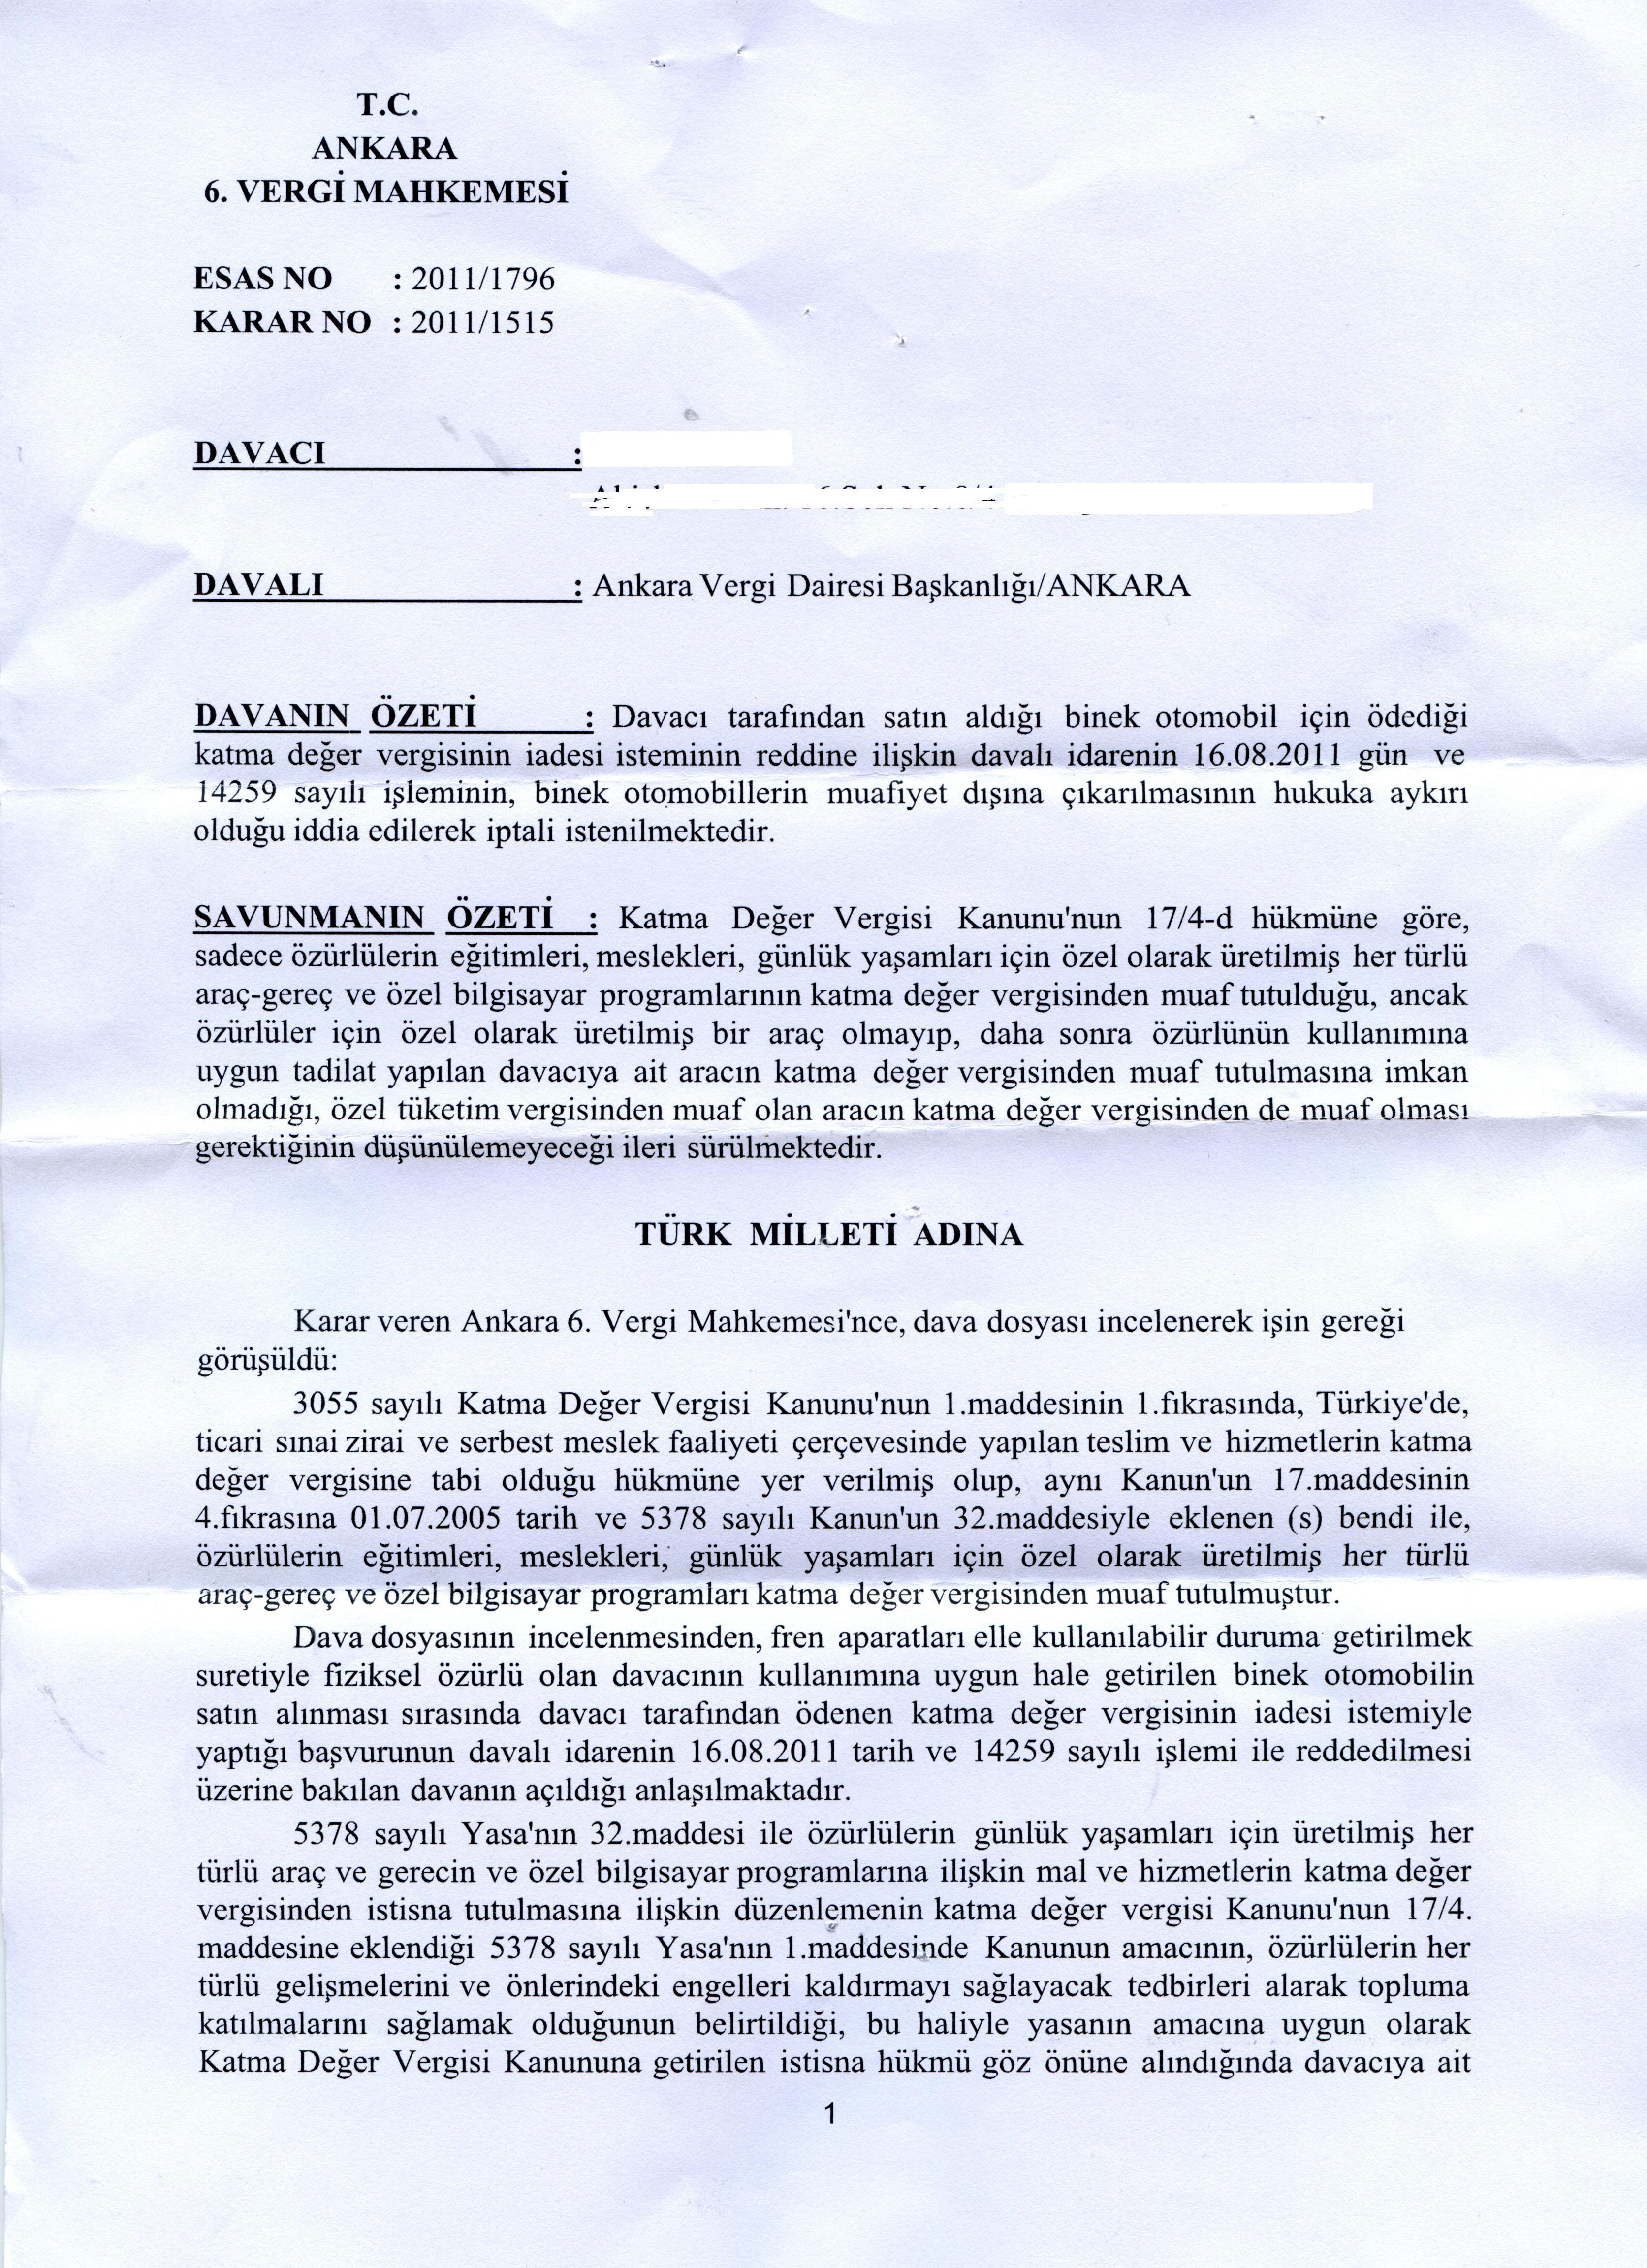 Ankara 6.vergi.mahkemesi1 - Sakat stat�s�nde al�nan ara� i�in �denen KDV'nin geri al�nmas� i�lemleri ve s�re�